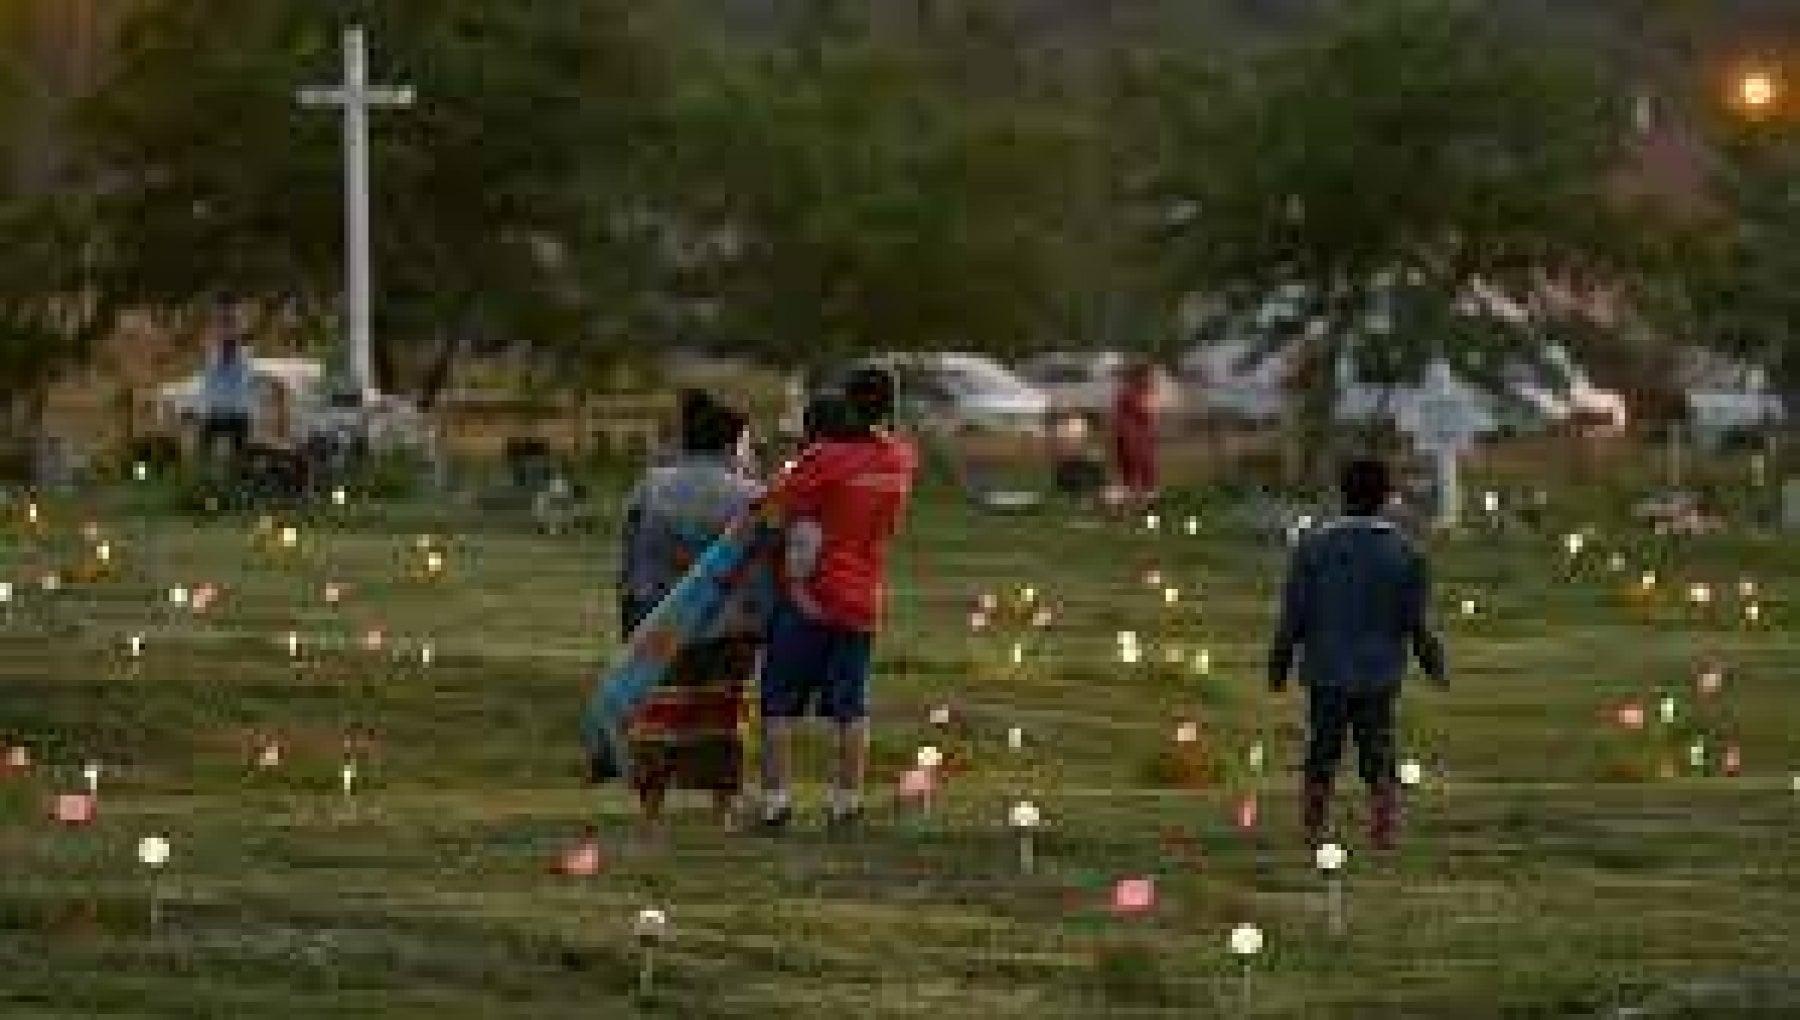 202747452 b37af72f b033 4f85 ae84 b6d94177276c - Canada, il Papa convoca gli indigeni nel giorno della scoperta di altre 182 tombe anonime